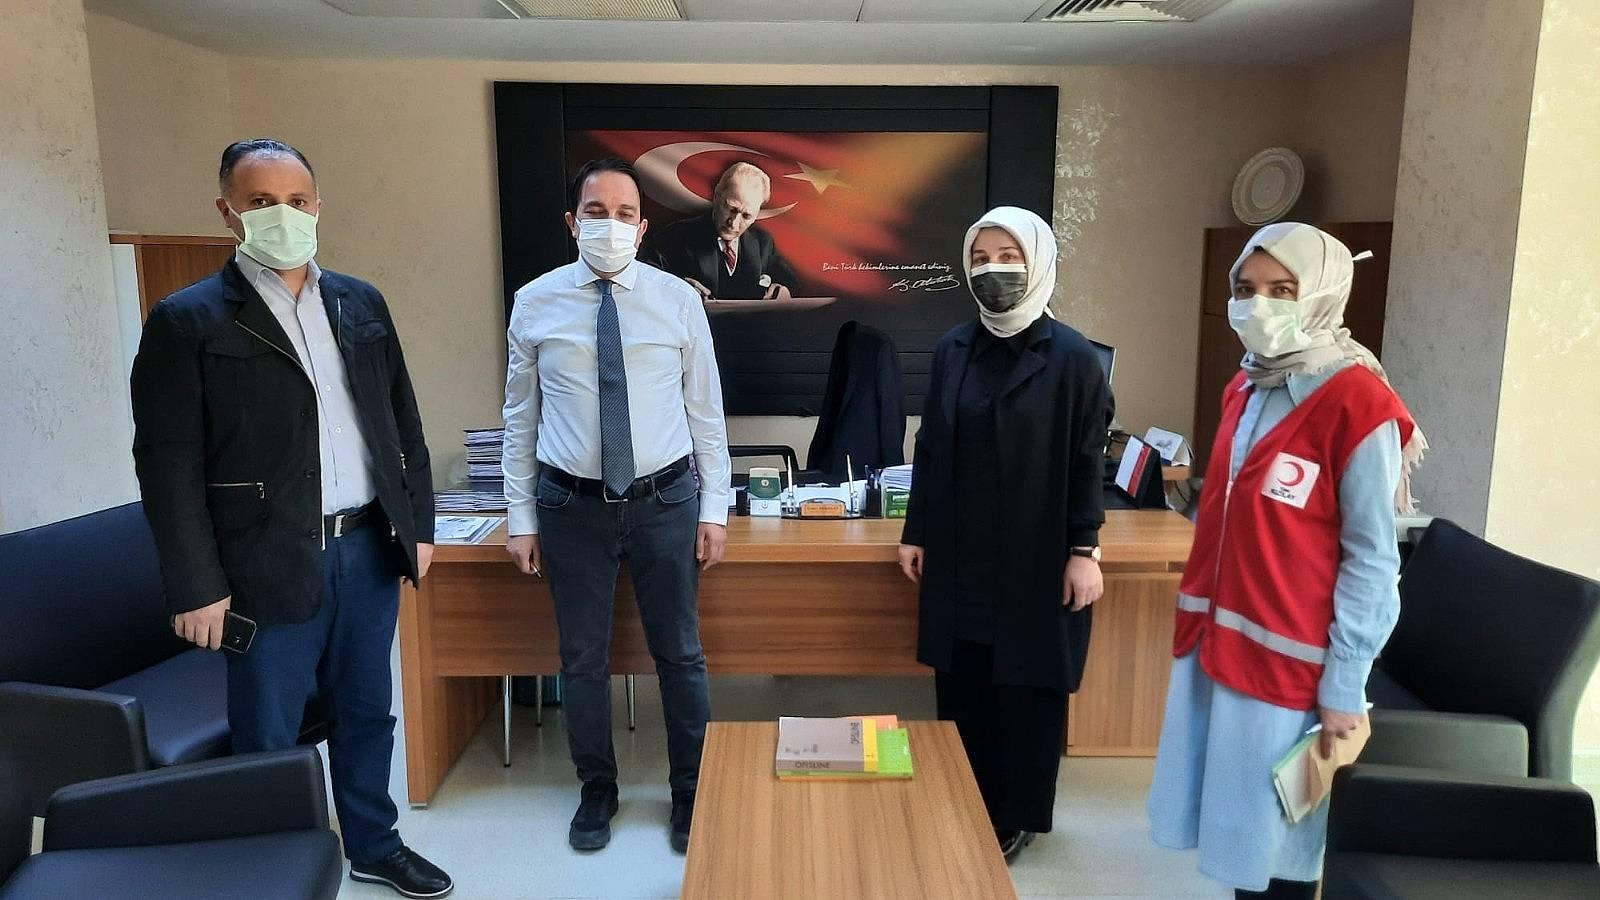 2021/04/kizilaydan-hastalara-anlamli-yardim-20210426AW30-1.jpg